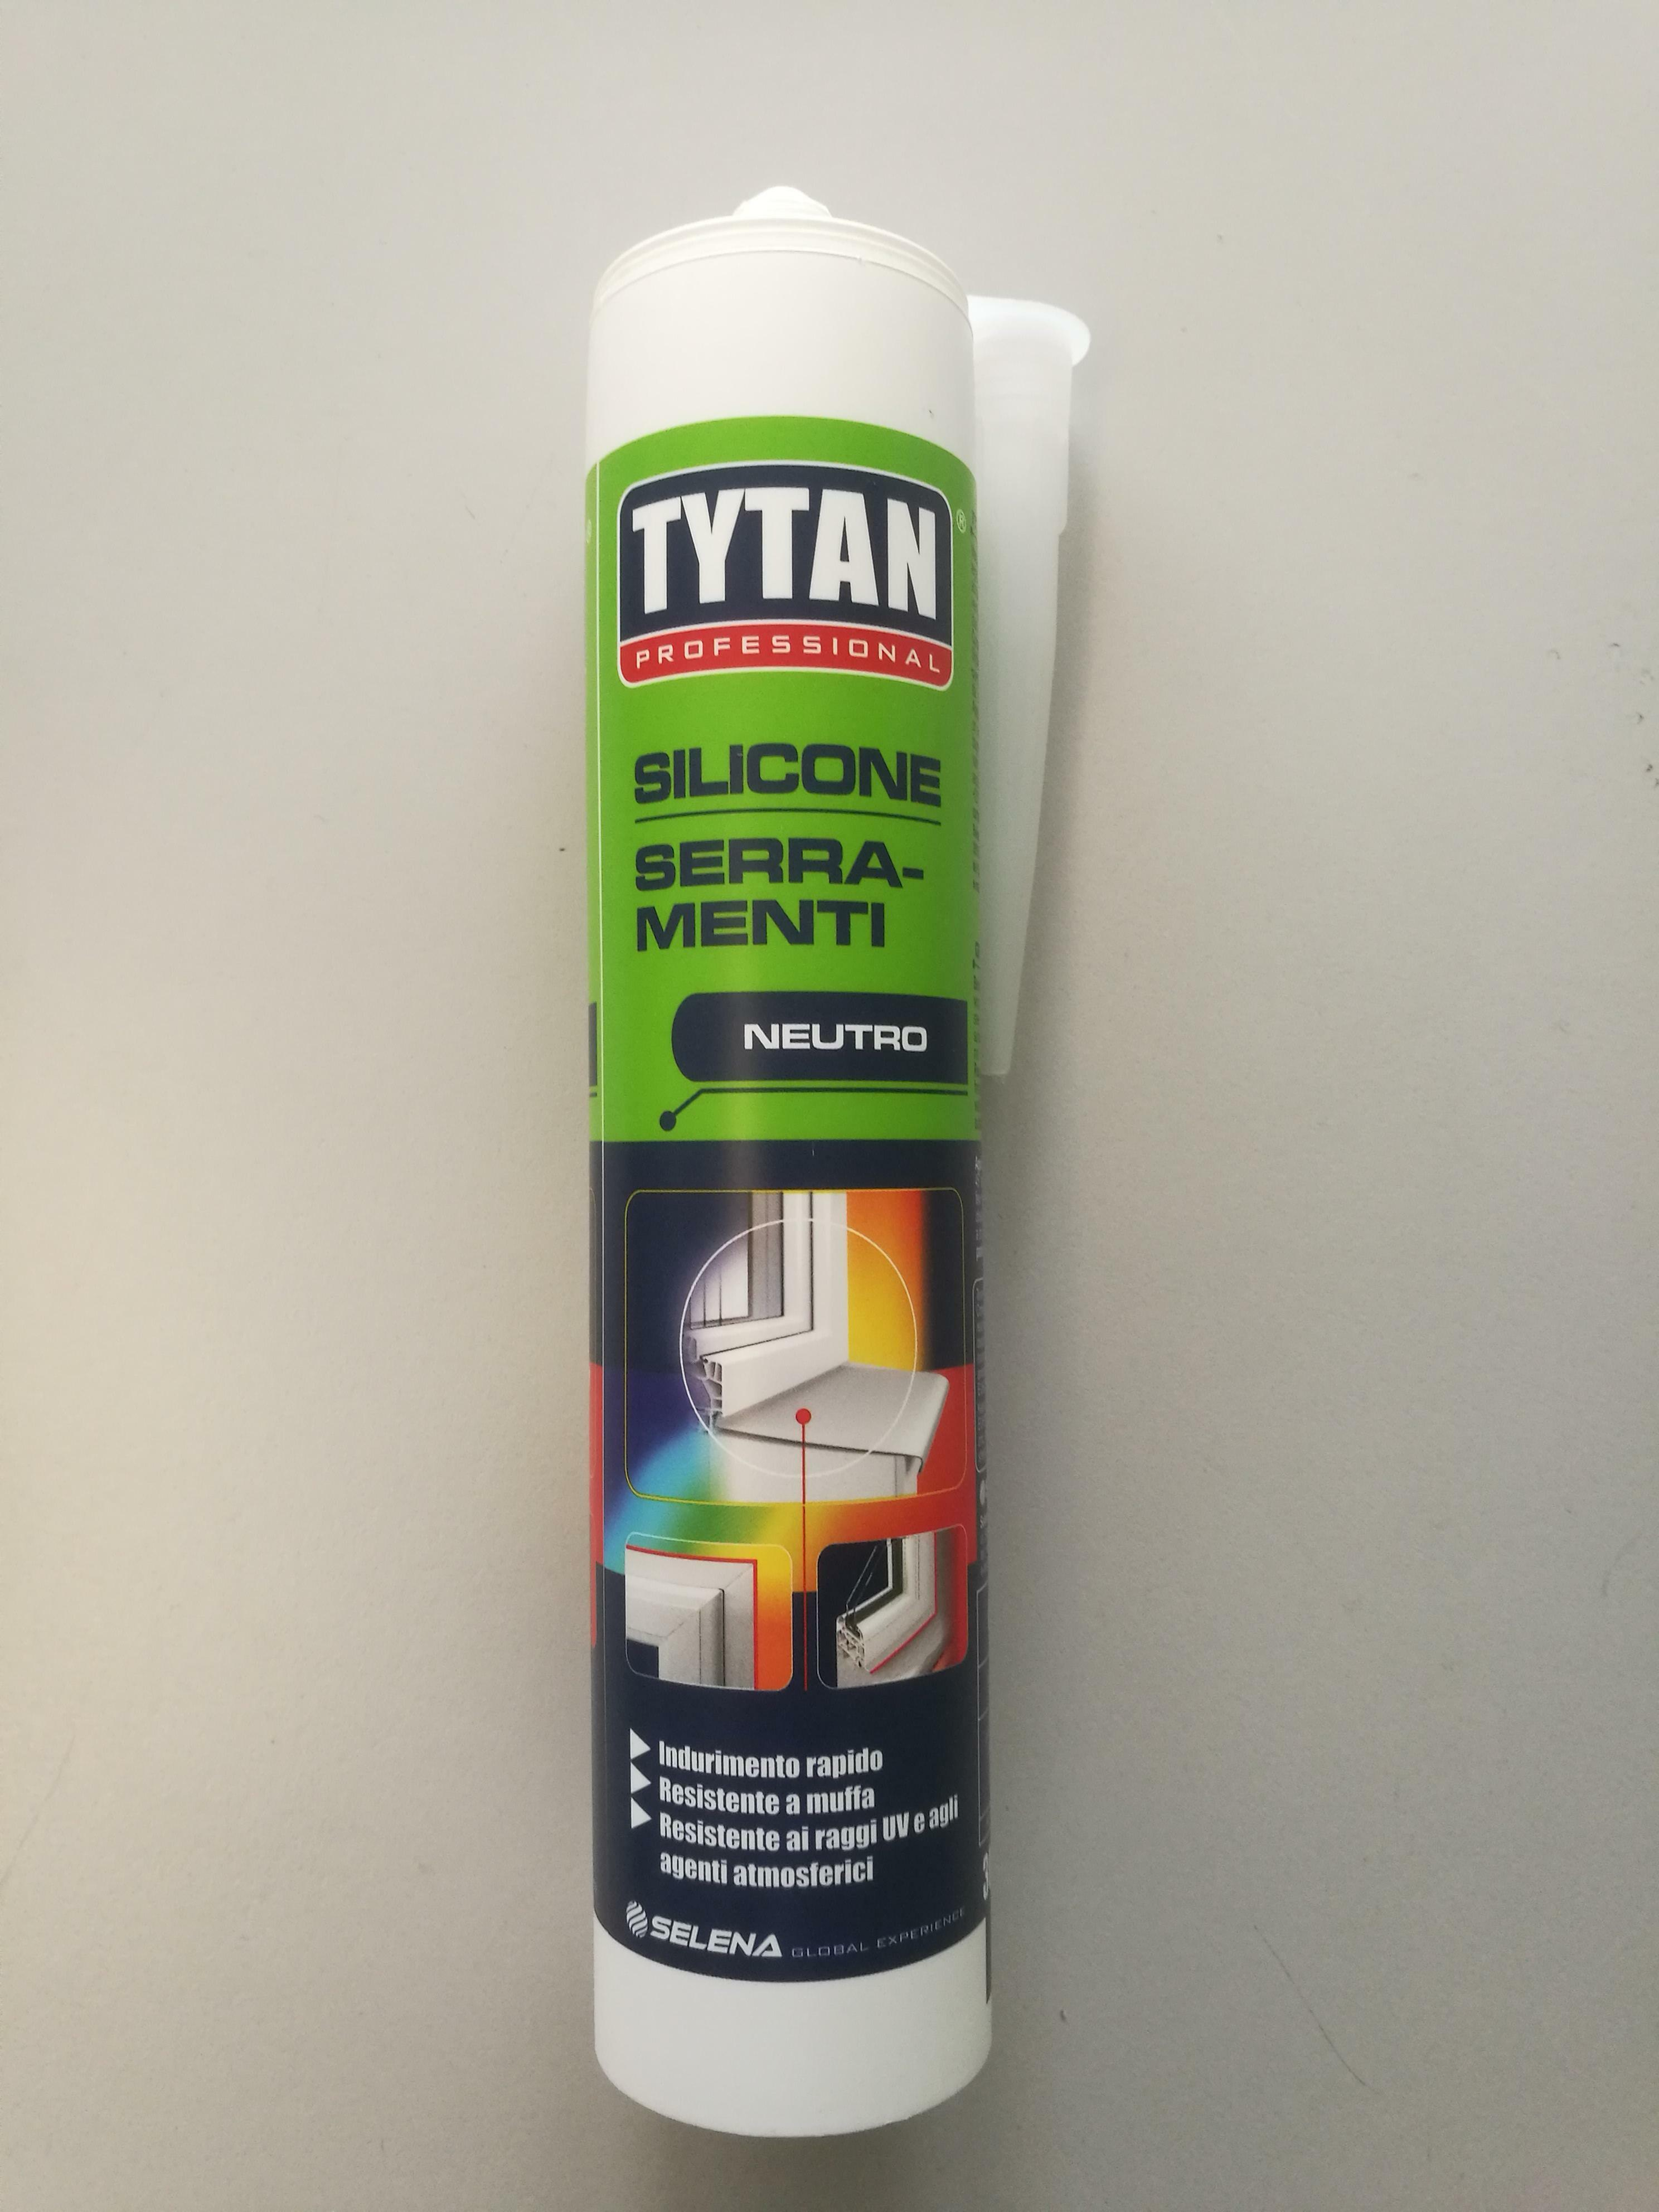 tytan professional tytan professional silicone neutro per serramenti colore avorio 300 ml